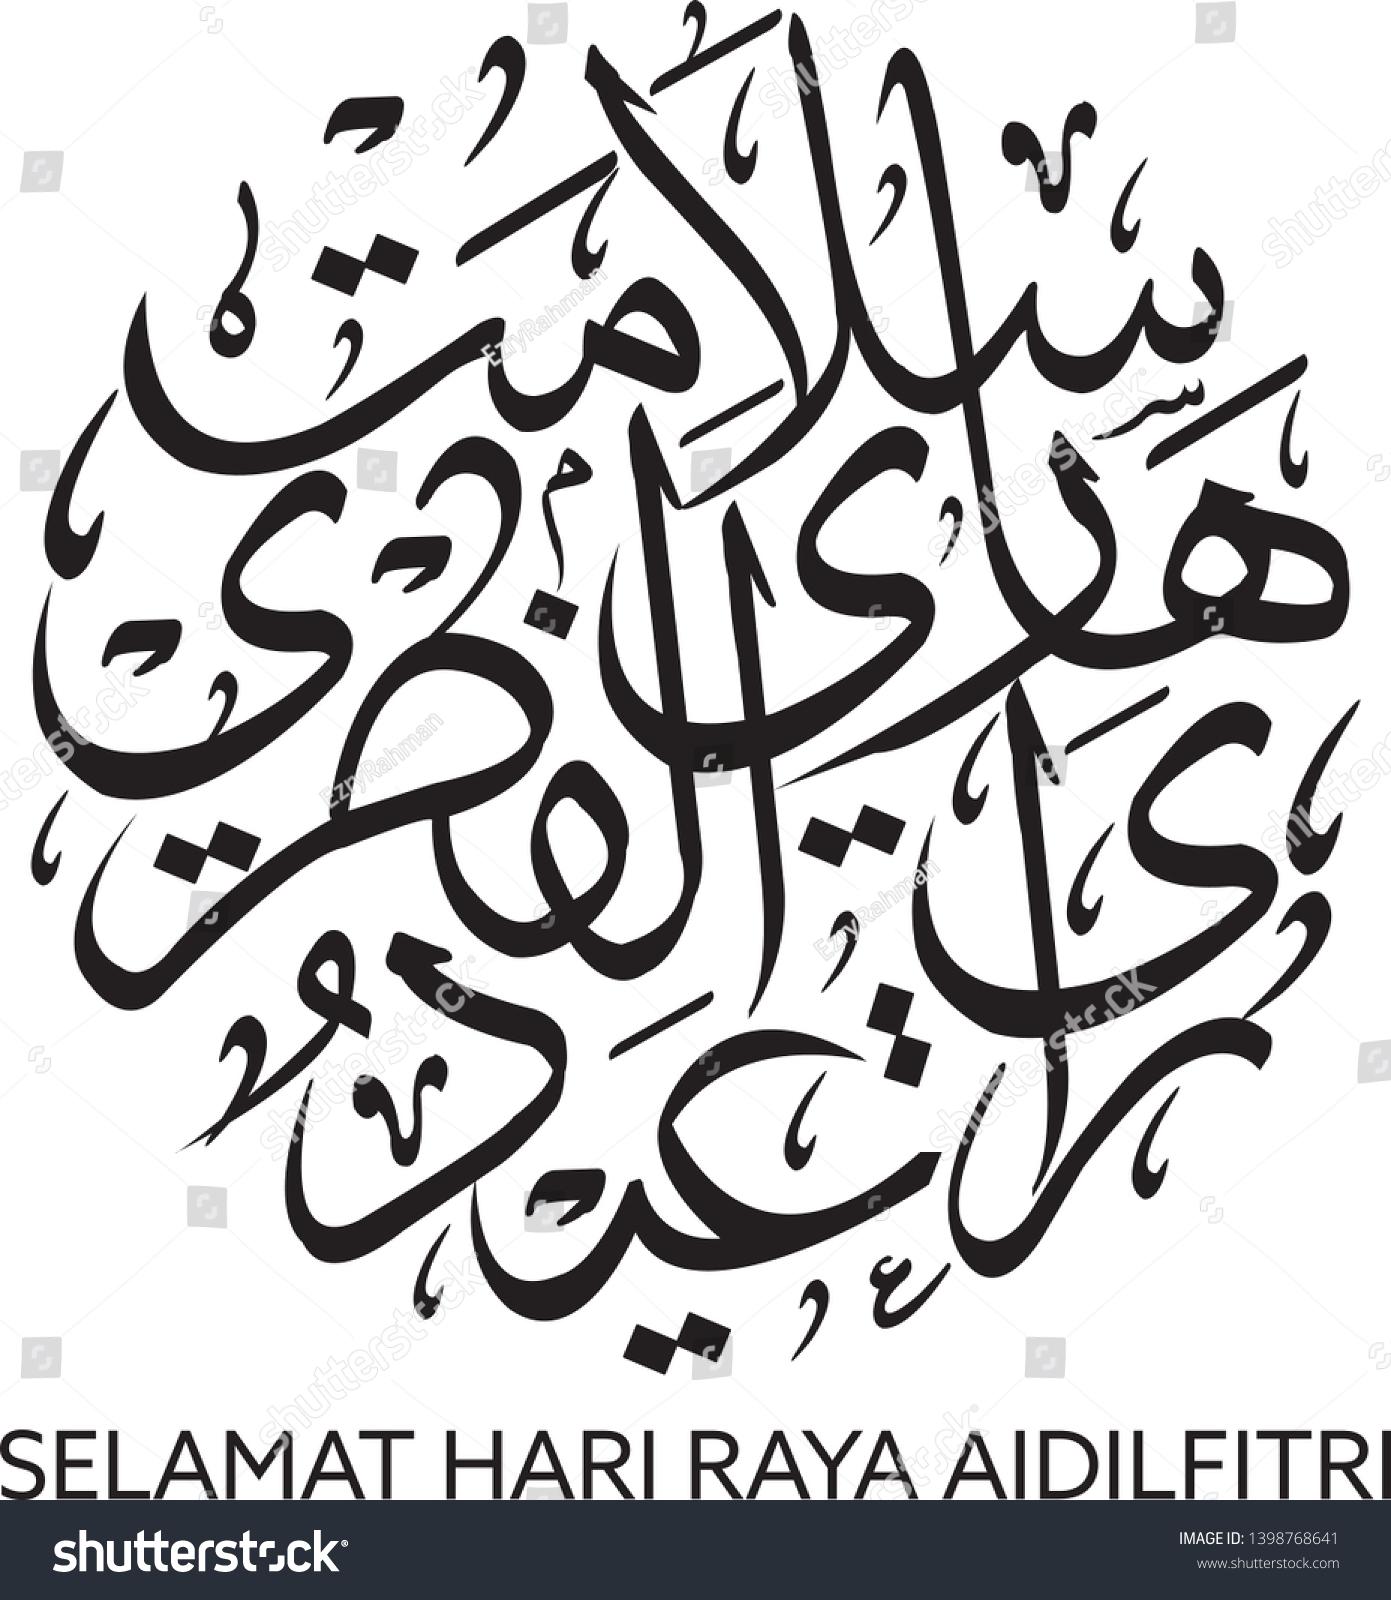 Selamat Hari Raya Aidilfitri Eid Greetings Stock Vector Royalty Free 1398768641